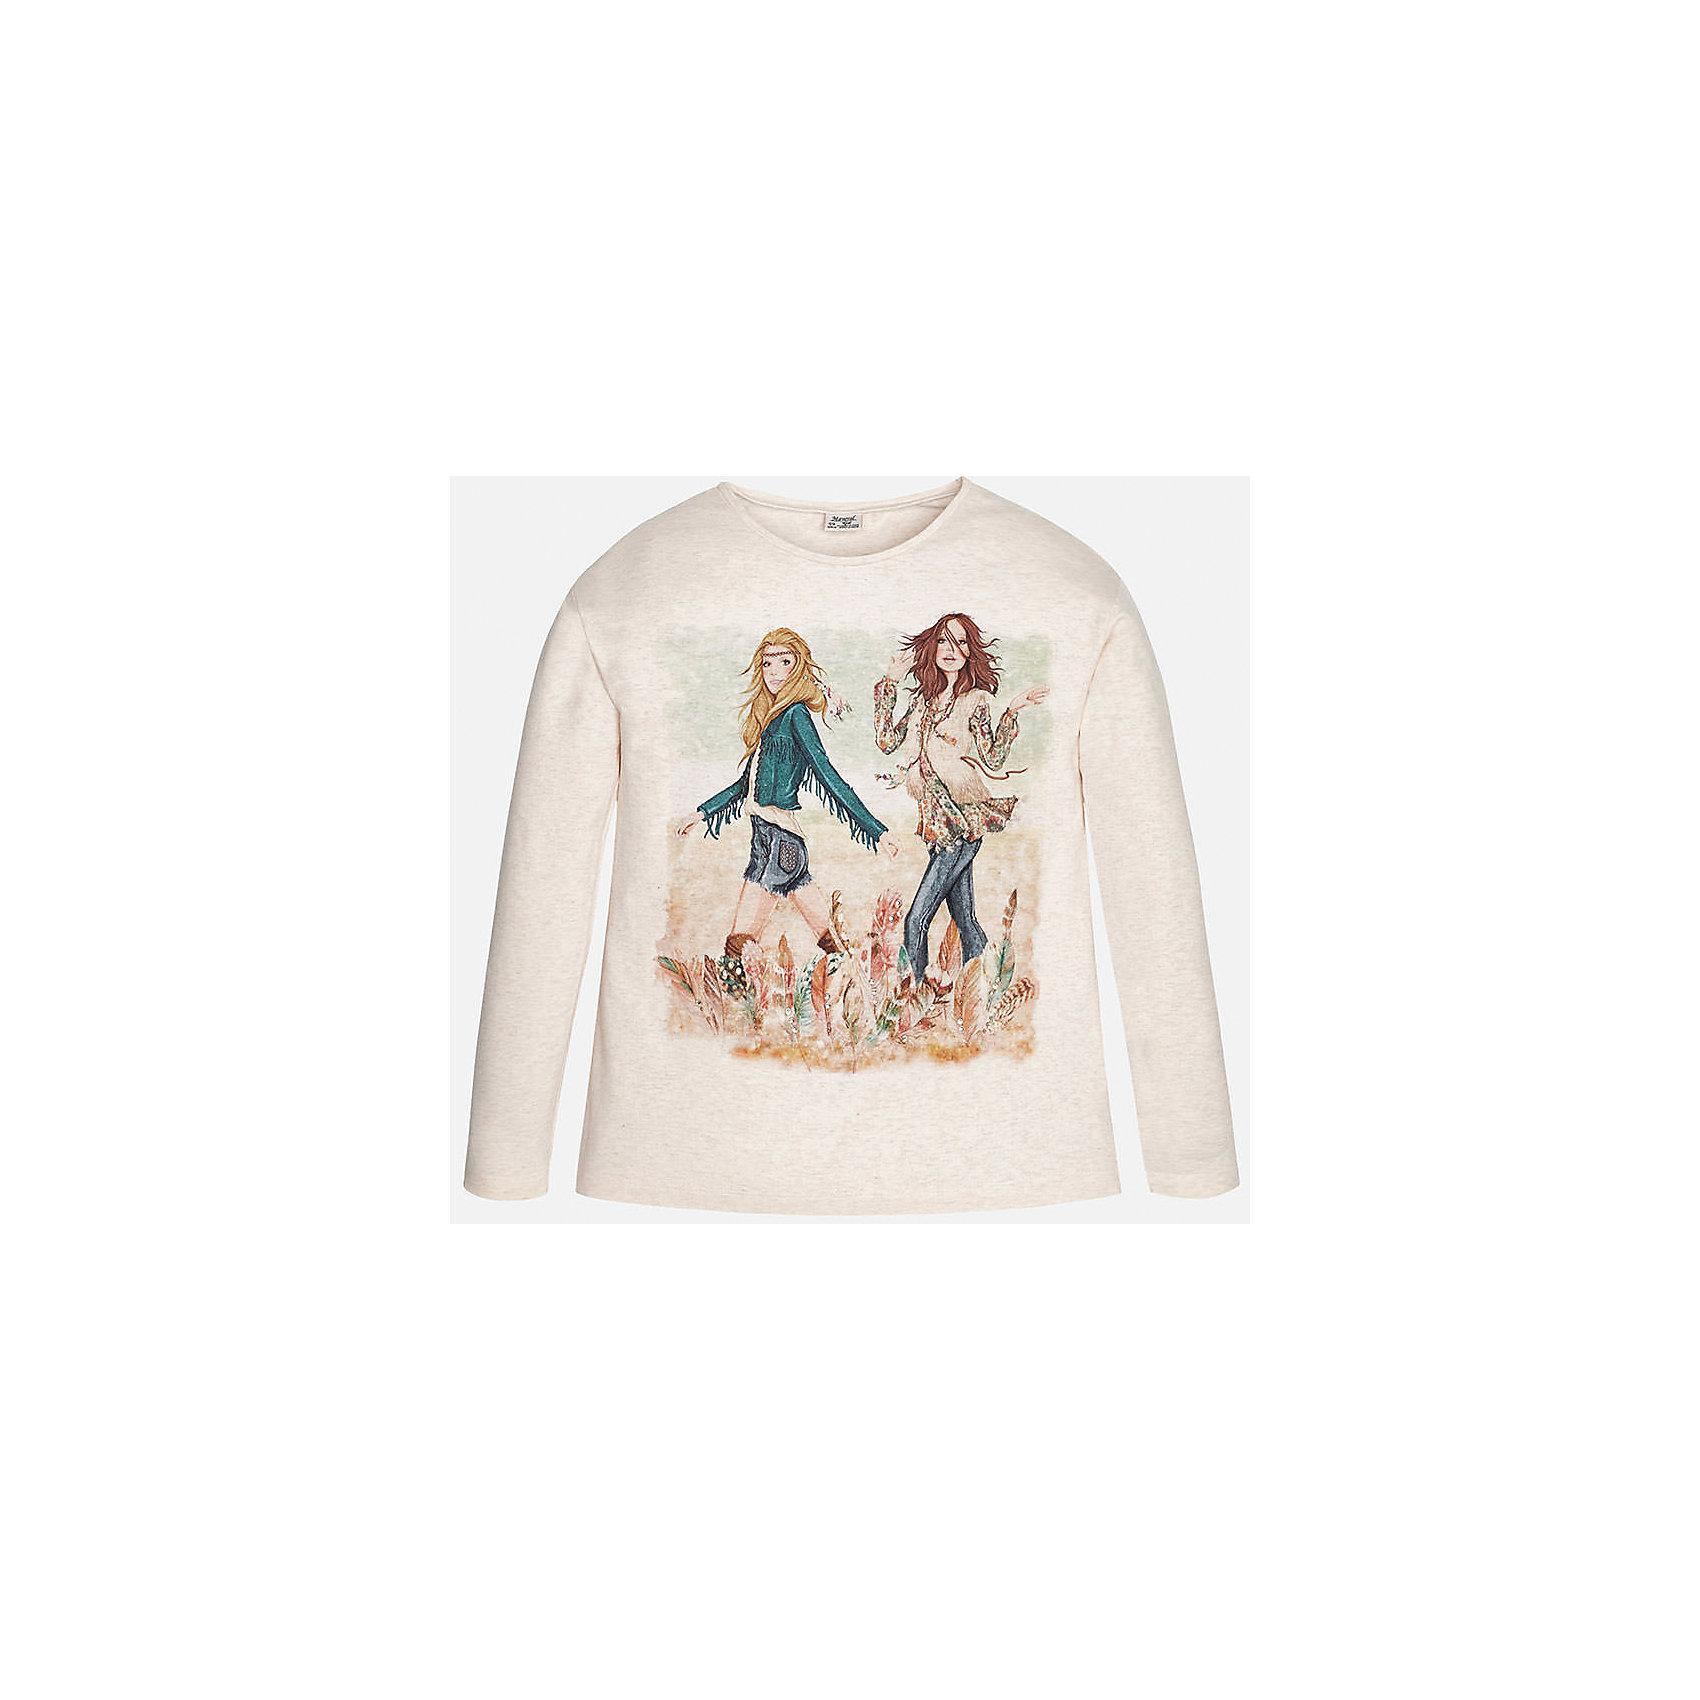 Футболка с длинным рукавом для девочки MayoralФутболки с длинным рукавом<br>Футболка для девочки от известного испанского бренда Mayoral (Майорал). Эта стильная и удобная футболка с длинным рукавом сочетает в себе стиль и простоту. Ненавязчивый принт придет по вкусу вашей моднице. Цвет футболки – светло-бежевый меланж. У футболки свободный крой, слегка расширяющийся к низу, плечо приспущено. В декорациях футболки использованы стразы. К этой футболке подойдут как некоторые классические юбки и брюки, так и джинсы или штаны спортивного кроя.<br><br>Дополнительная информация:<br><br>- Силуэт: расширяющийся к низу<br>- Длина: средняя<br><br>Состав: 92% хлопок, 8% эластан<br><br>Футболку для девочки Mayoral (Майорал) можно купить в нашем интернет-магазине.<br><br>Подробнее:<br>• Для детей в возрасте: от 8 до 16 лет<br>• Номер товара: 4844707<br>Страна производитель: Индия<br><br>Ширина мм: 199<br>Глубина мм: 10<br>Высота мм: 161<br>Вес г: 151<br>Цвет: бежевый<br>Возраст от месяцев: 156<br>Возраст до месяцев: 168<br>Пол: Женский<br>Возраст: Детский<br>Размер: 158/164,146/152,164/170,134/140,128/134,152/158<br>SKU: 4844707